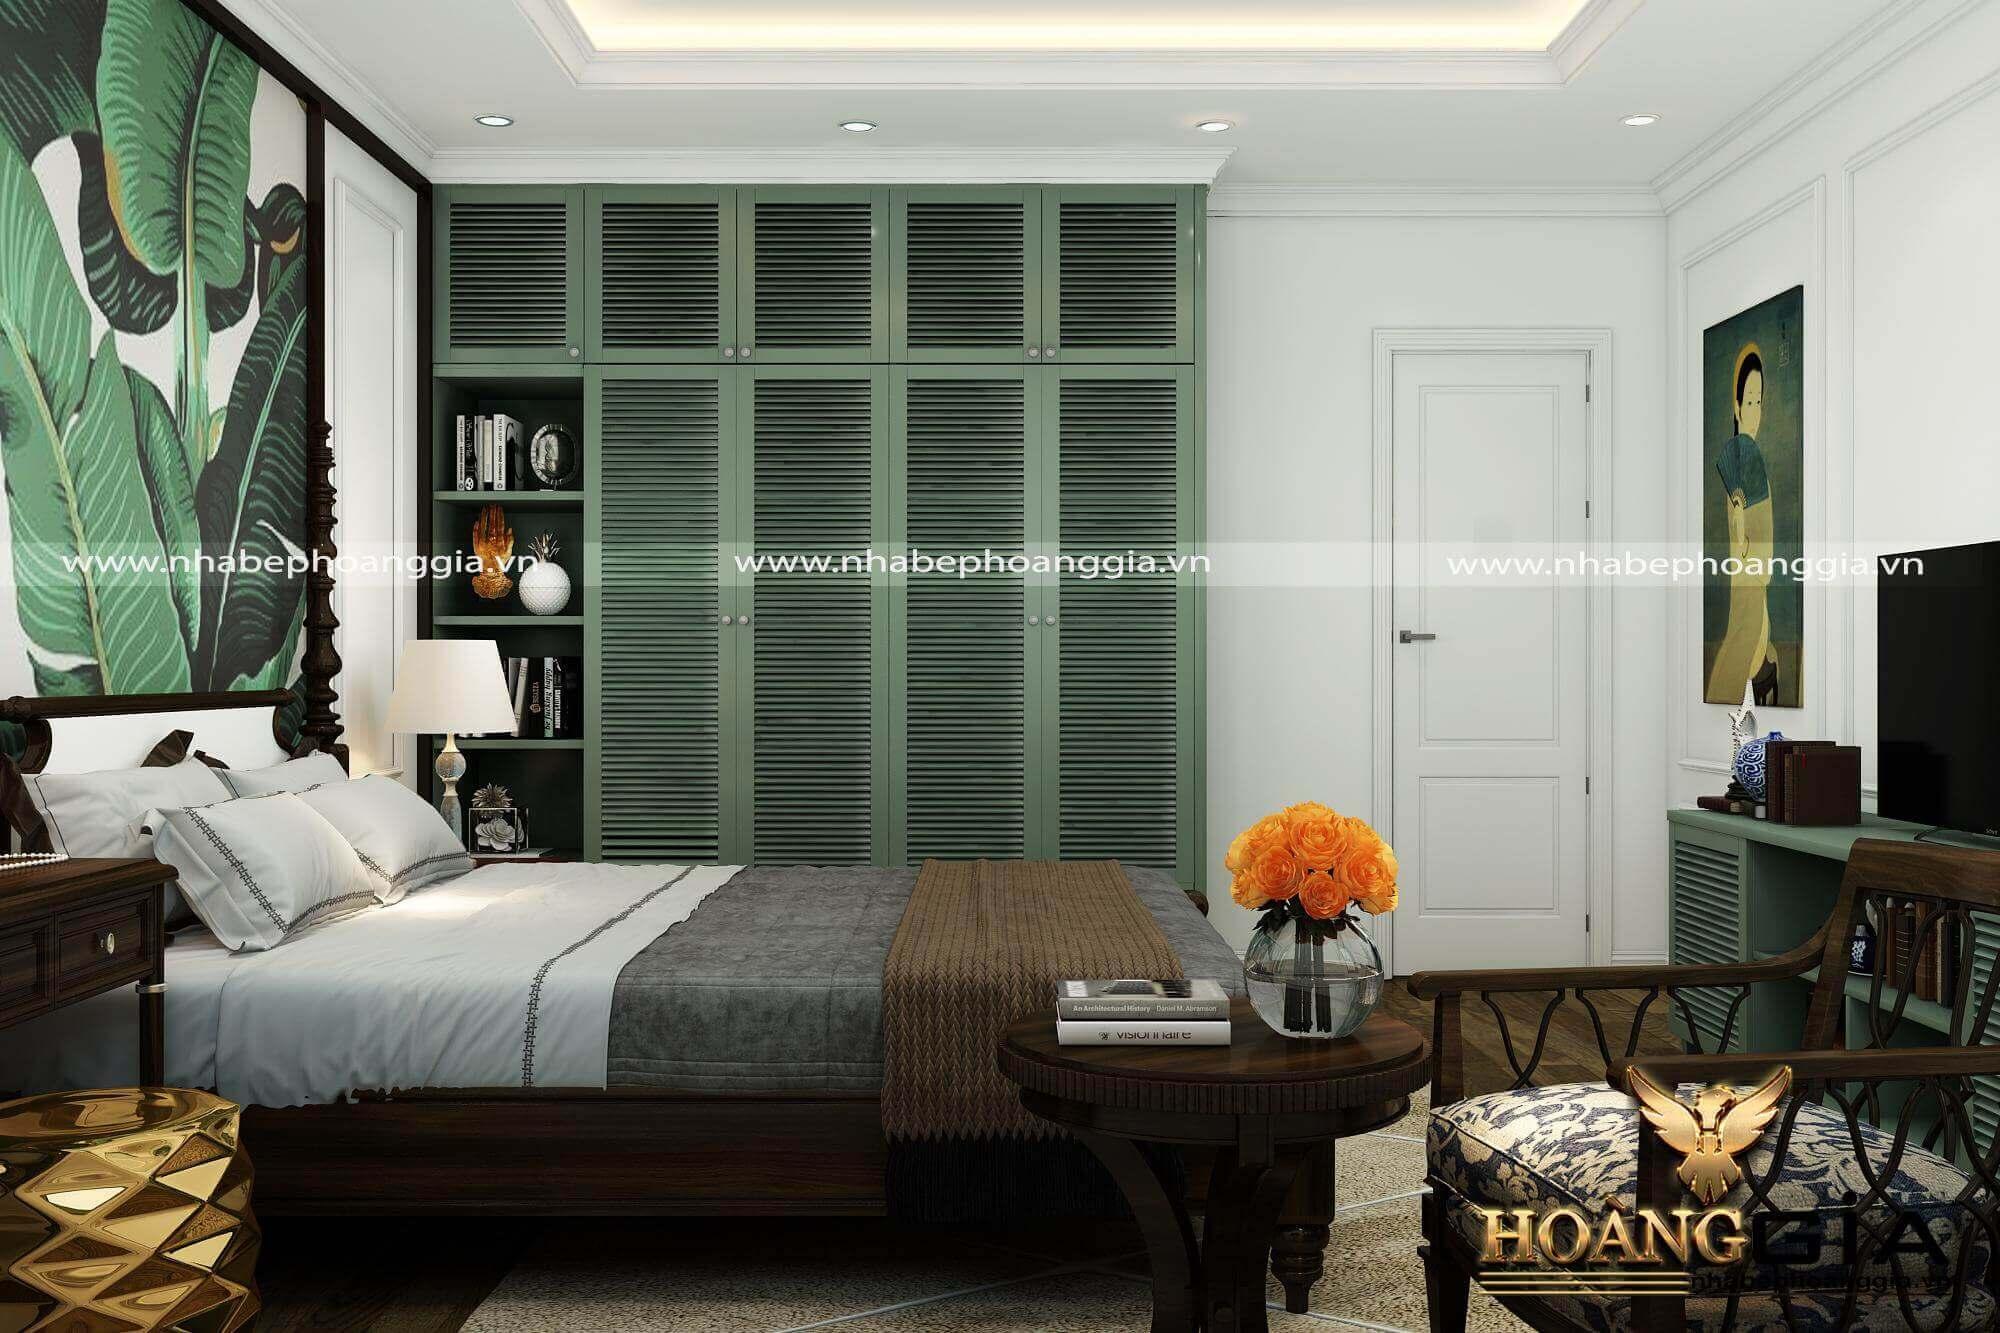 Thiết kế nội thất phòng ngủ đẹp bất chấp